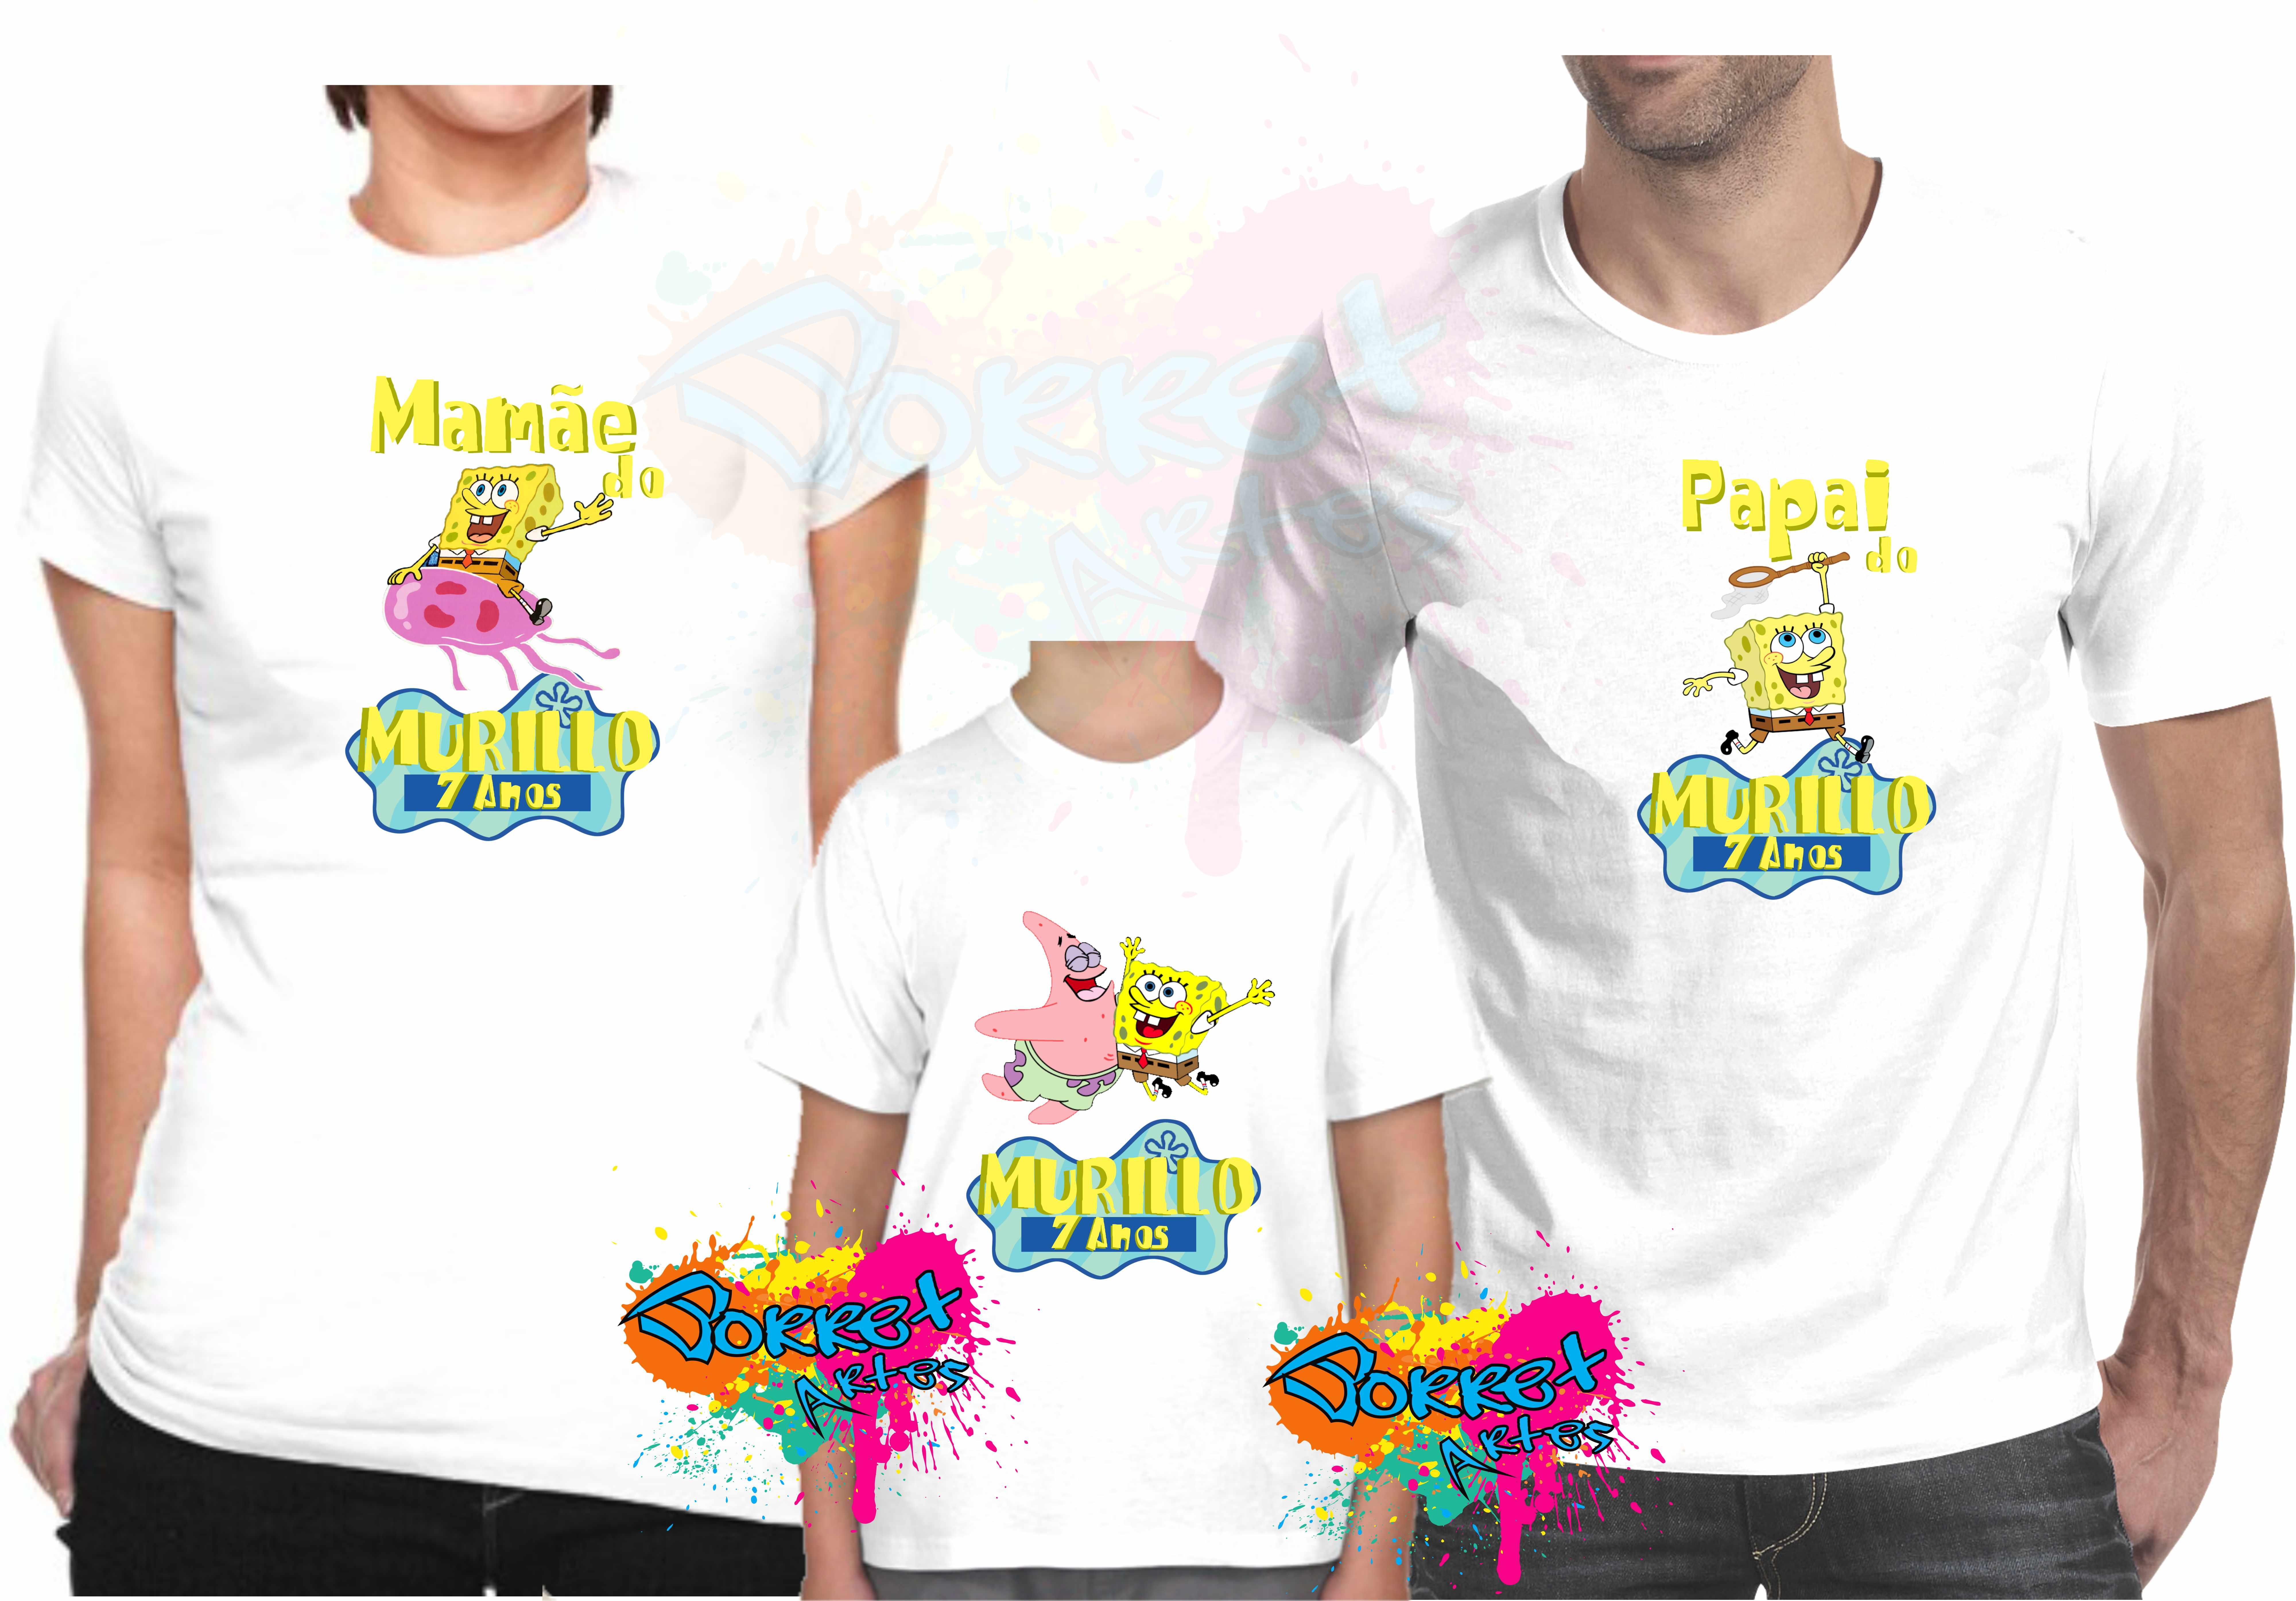 fd53e3a53c 4 camisas Chuva de Benção Kit Camisa Personalizada no Elo7 ...